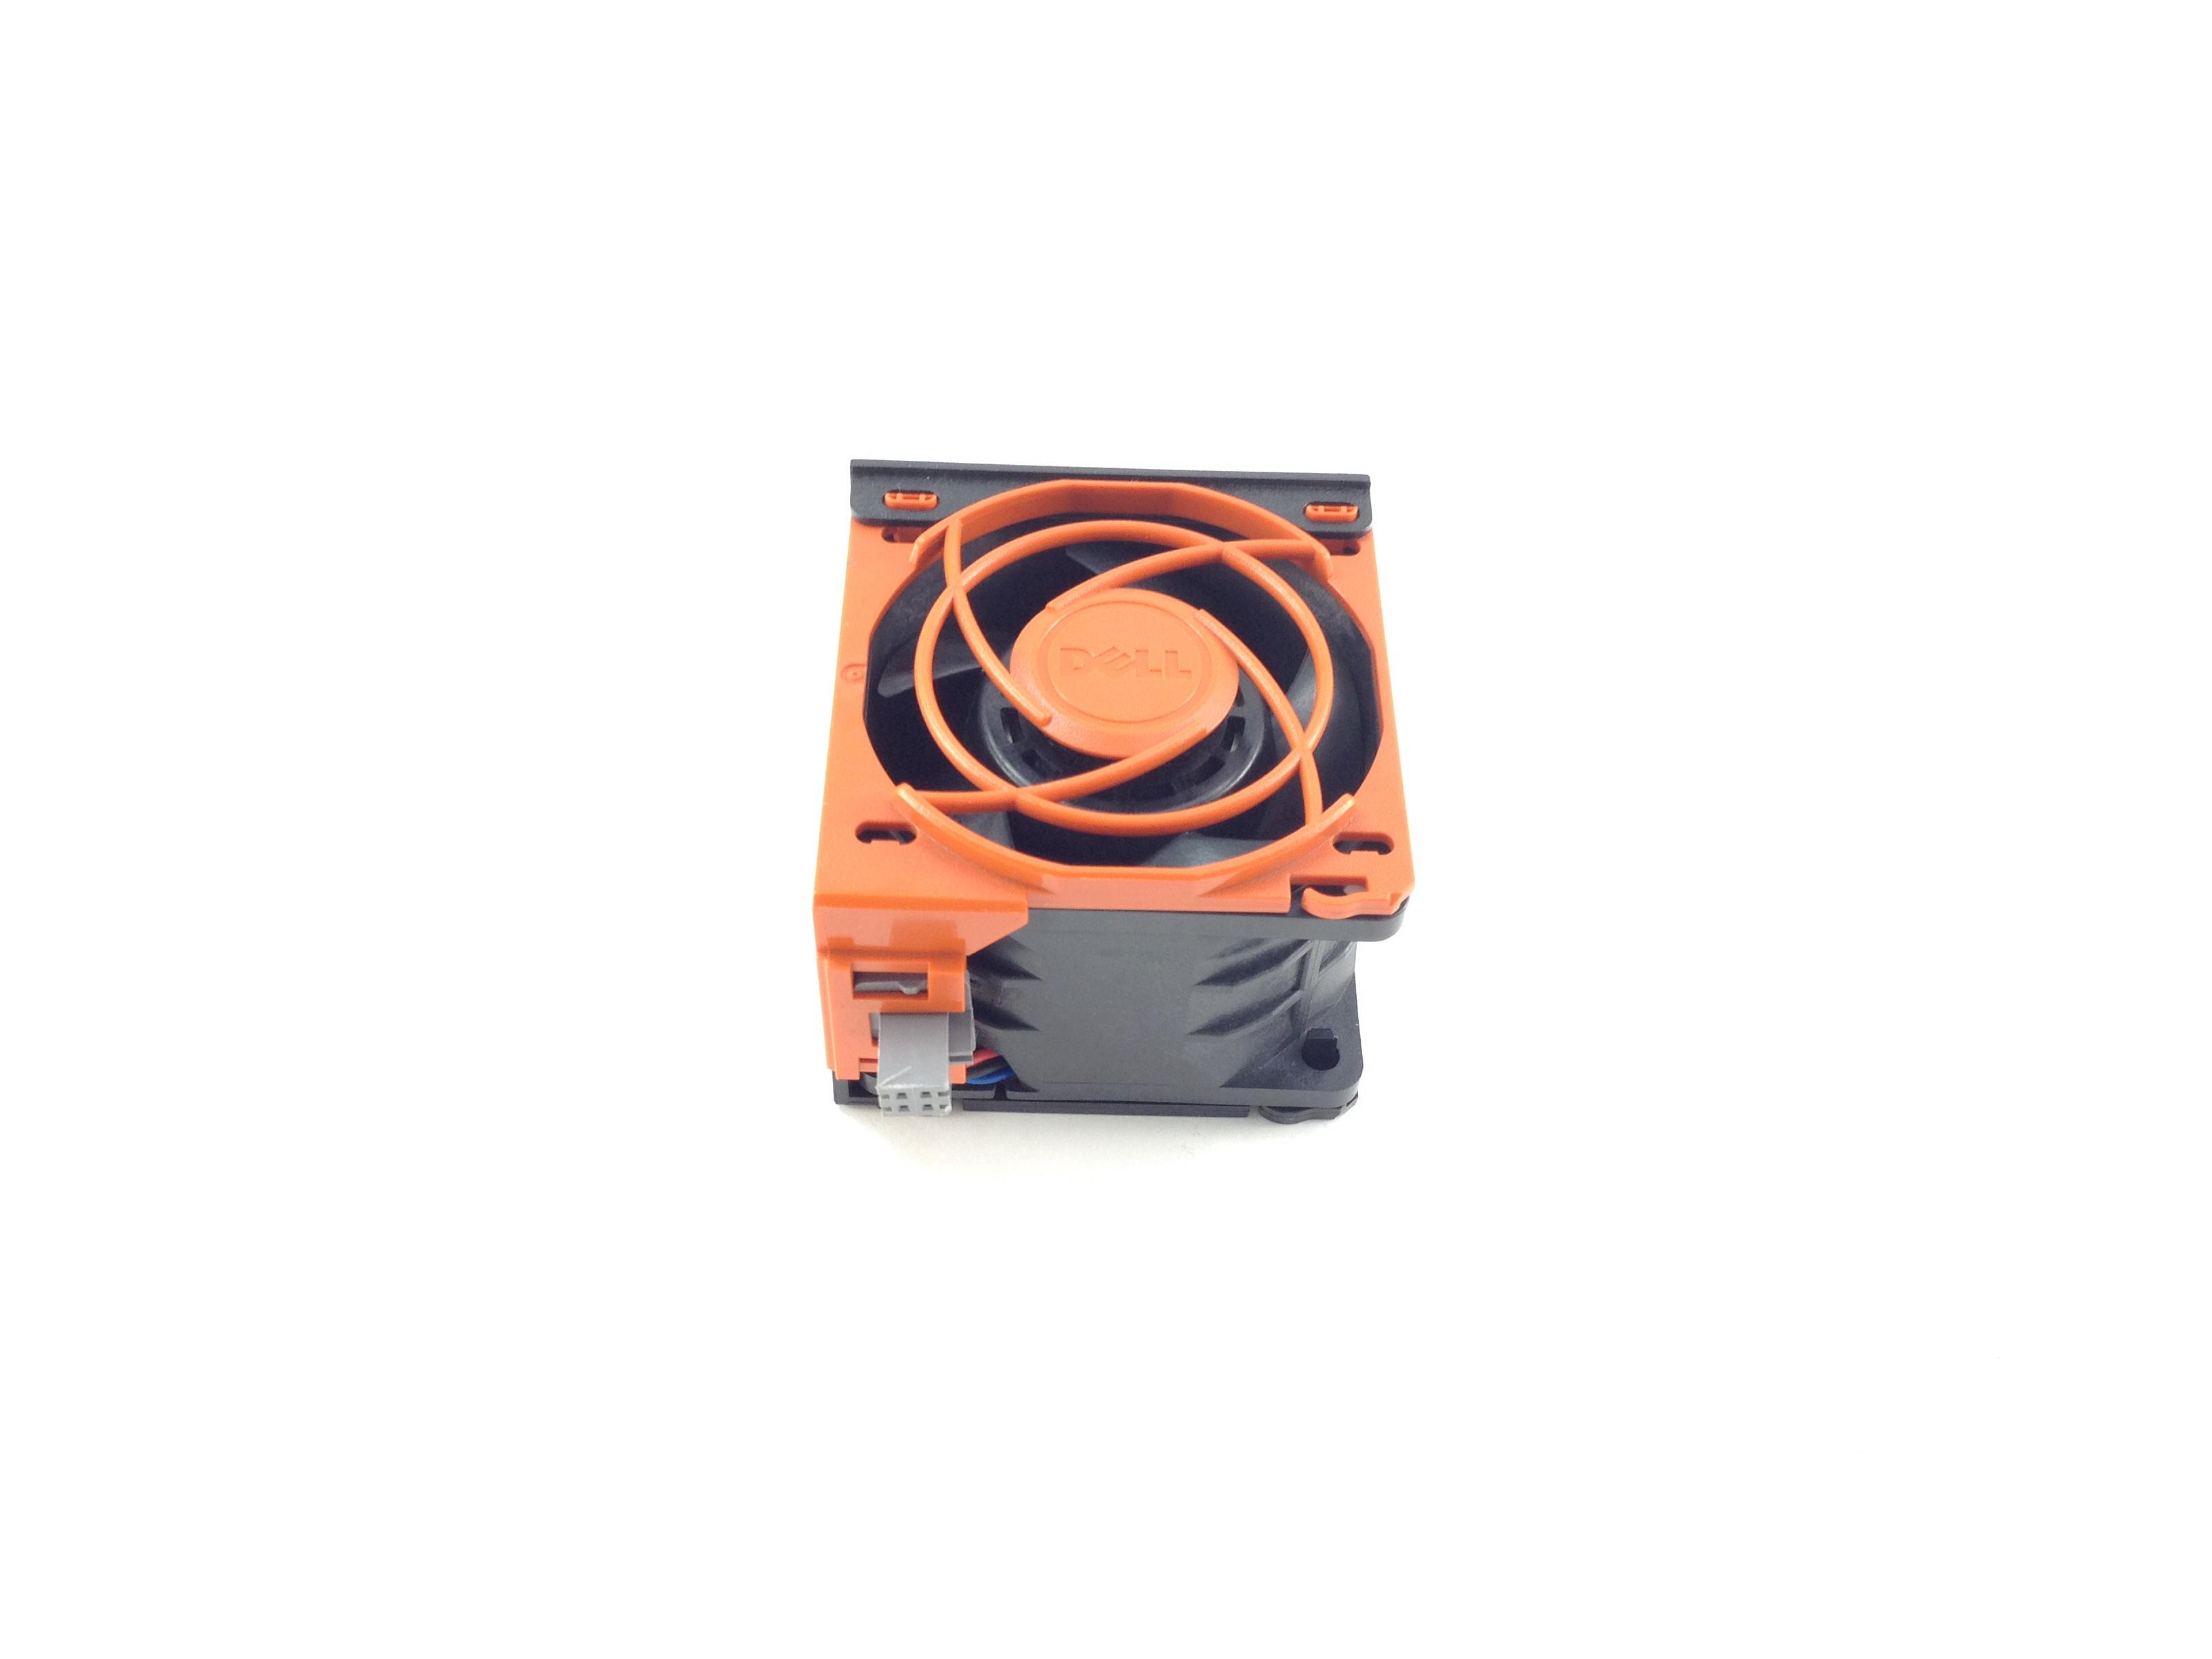 Dell PowerEdge R720 R720Xd System Fan (WG2CK)